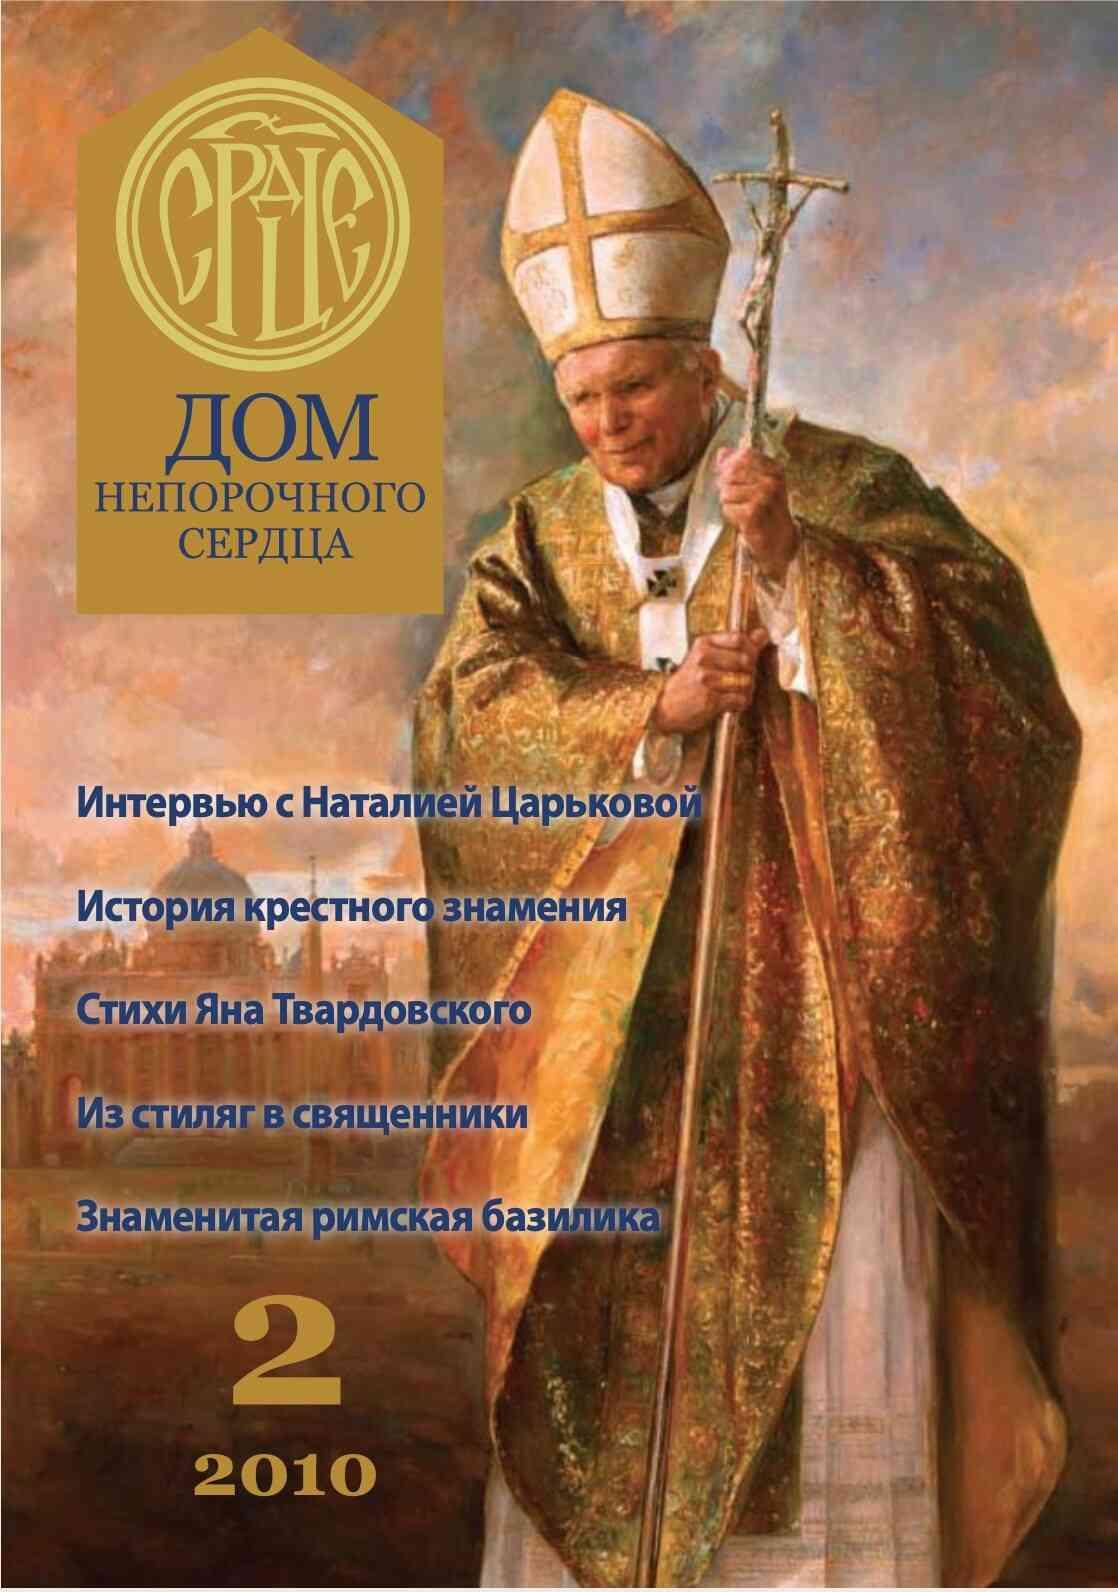 Журнал «Дом Непорочного Сердца» № 1 (2) 2010 год